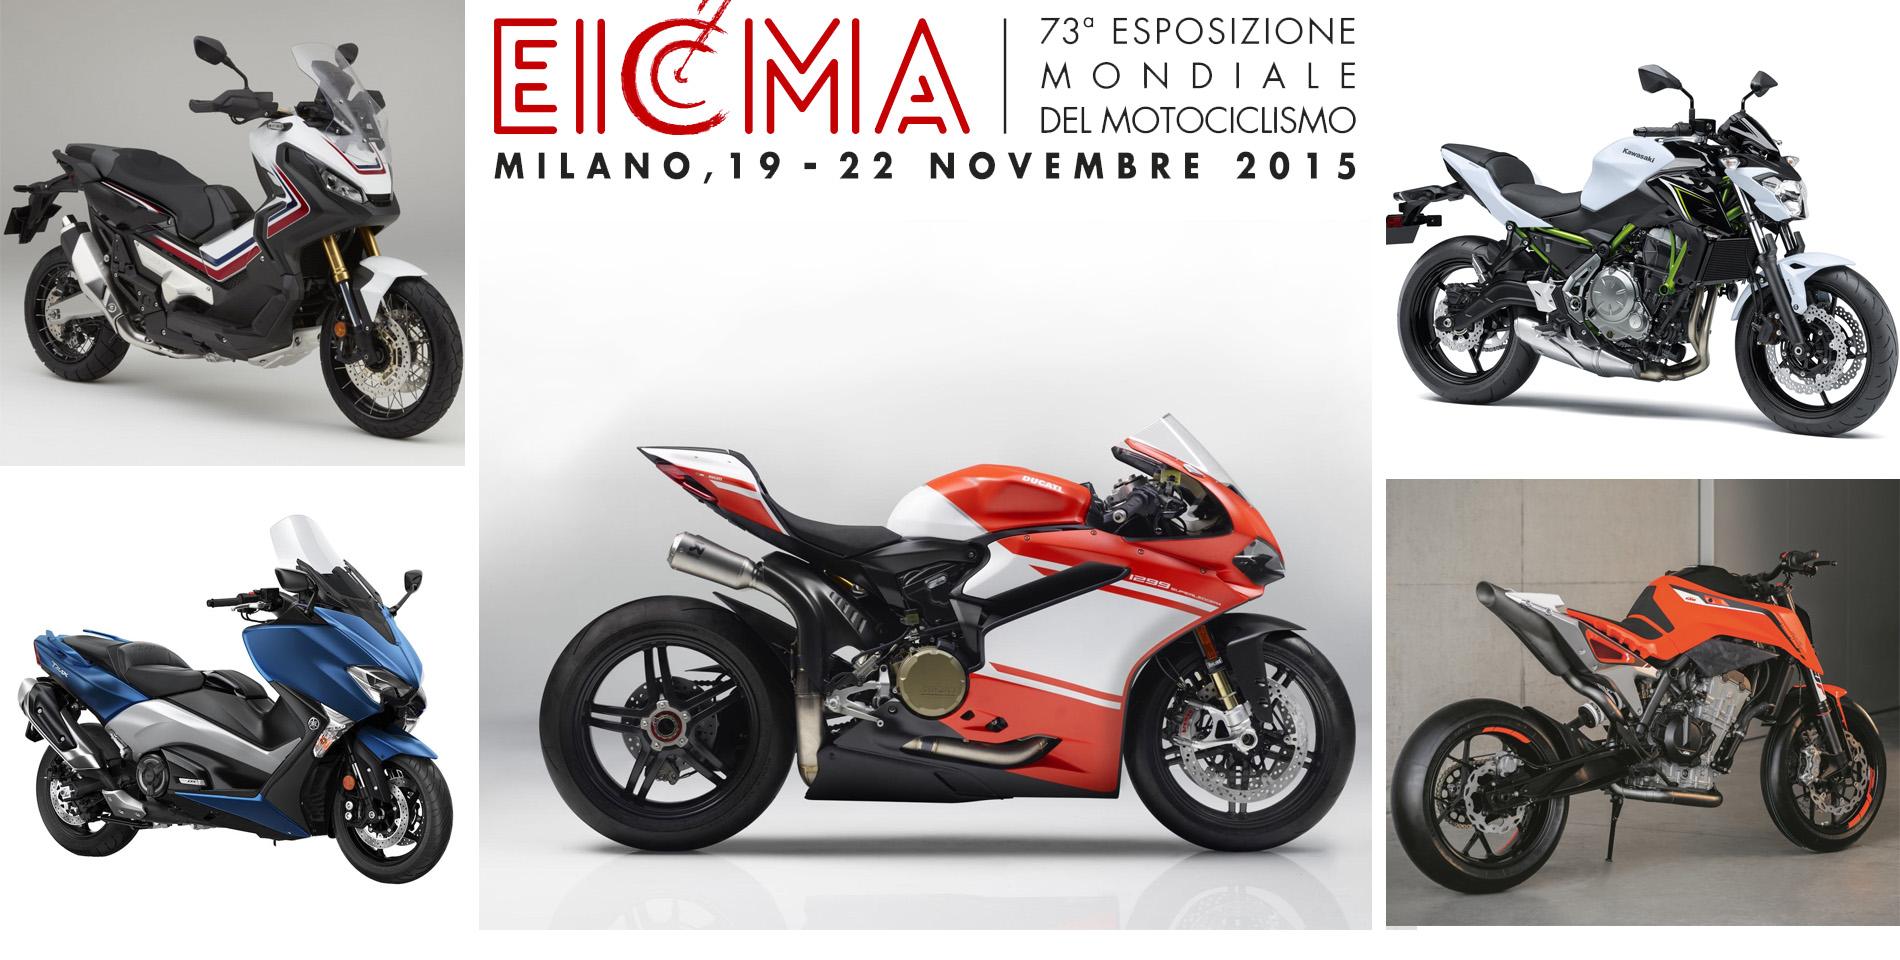 EICMA 2016: Novedades Motos 2017 presentadas en Milán